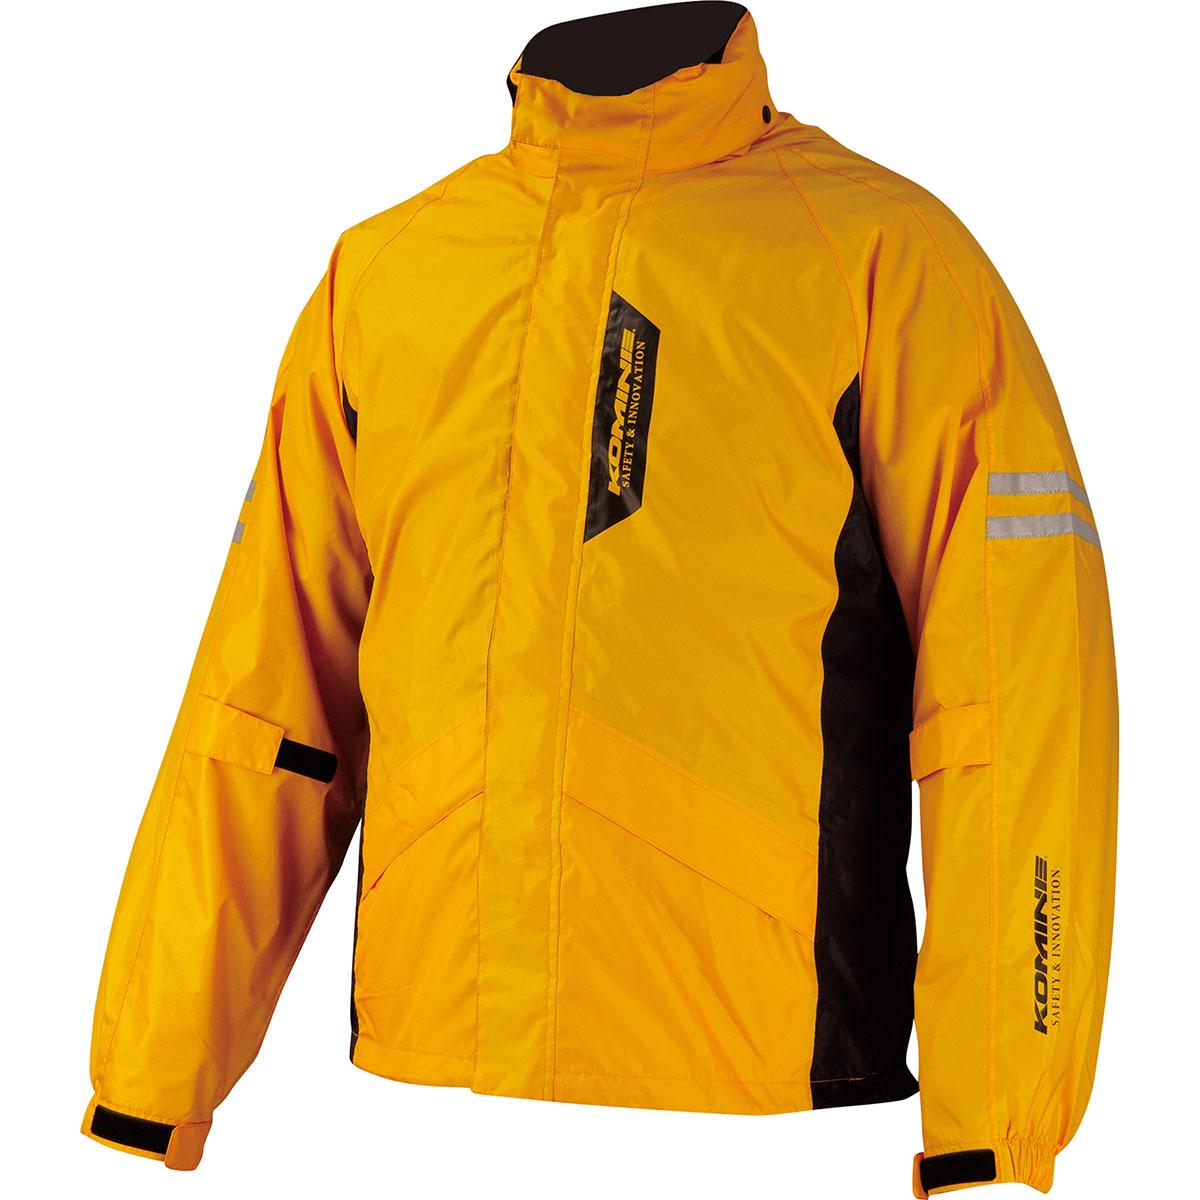 コミネ Komine バイク用 レインギア Rain gear RK-539 訳ありセール 格安 ブレスターレインウェア 黄 イエロー 03-539 フィアート YL 2XL 爆売りセール開催中 2XLサイズ